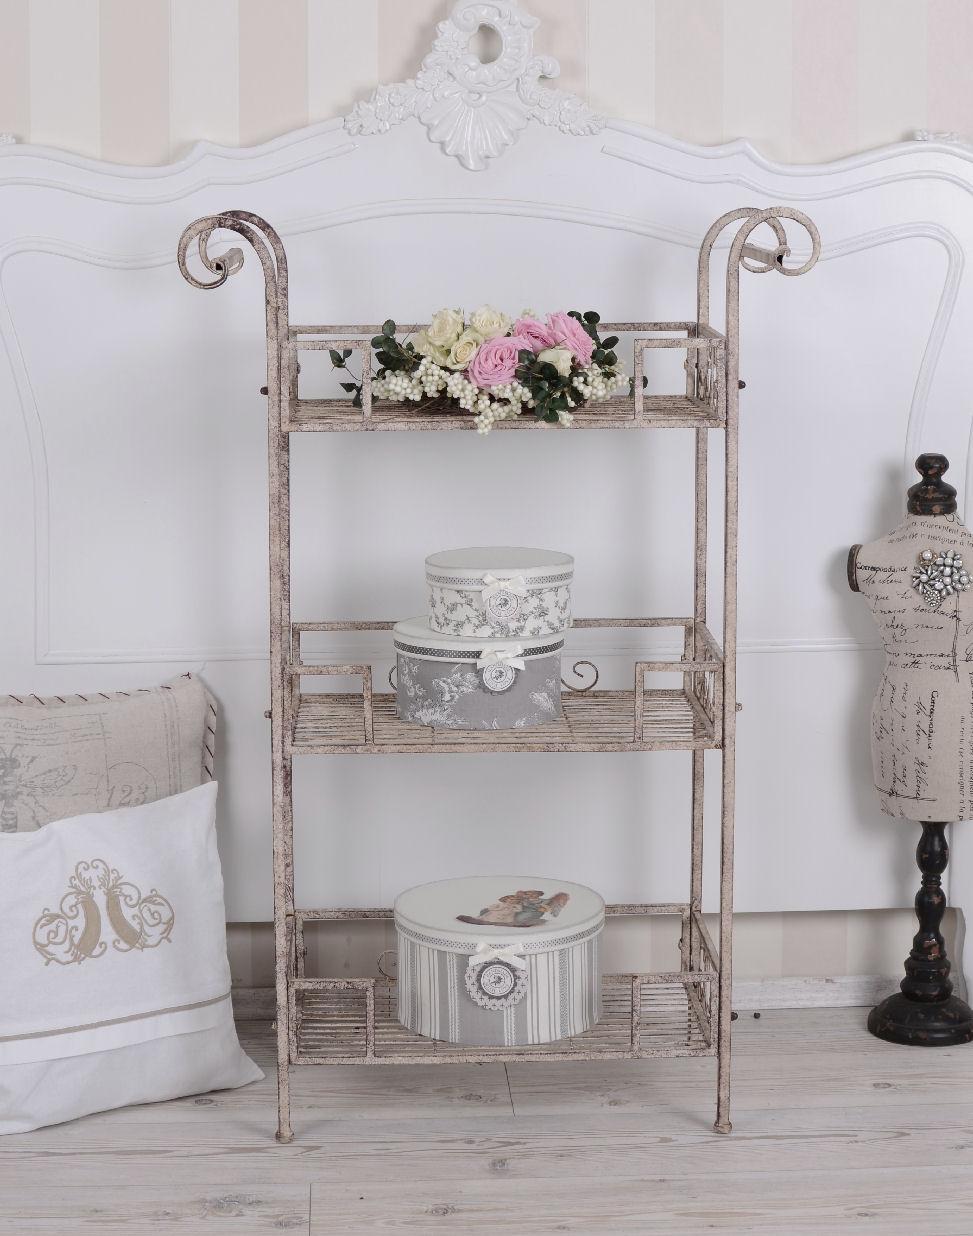 Details Zu Vintage Regal Servierwagen Landhaus Beistelltisch Shabby Chic Küchenregal Metall